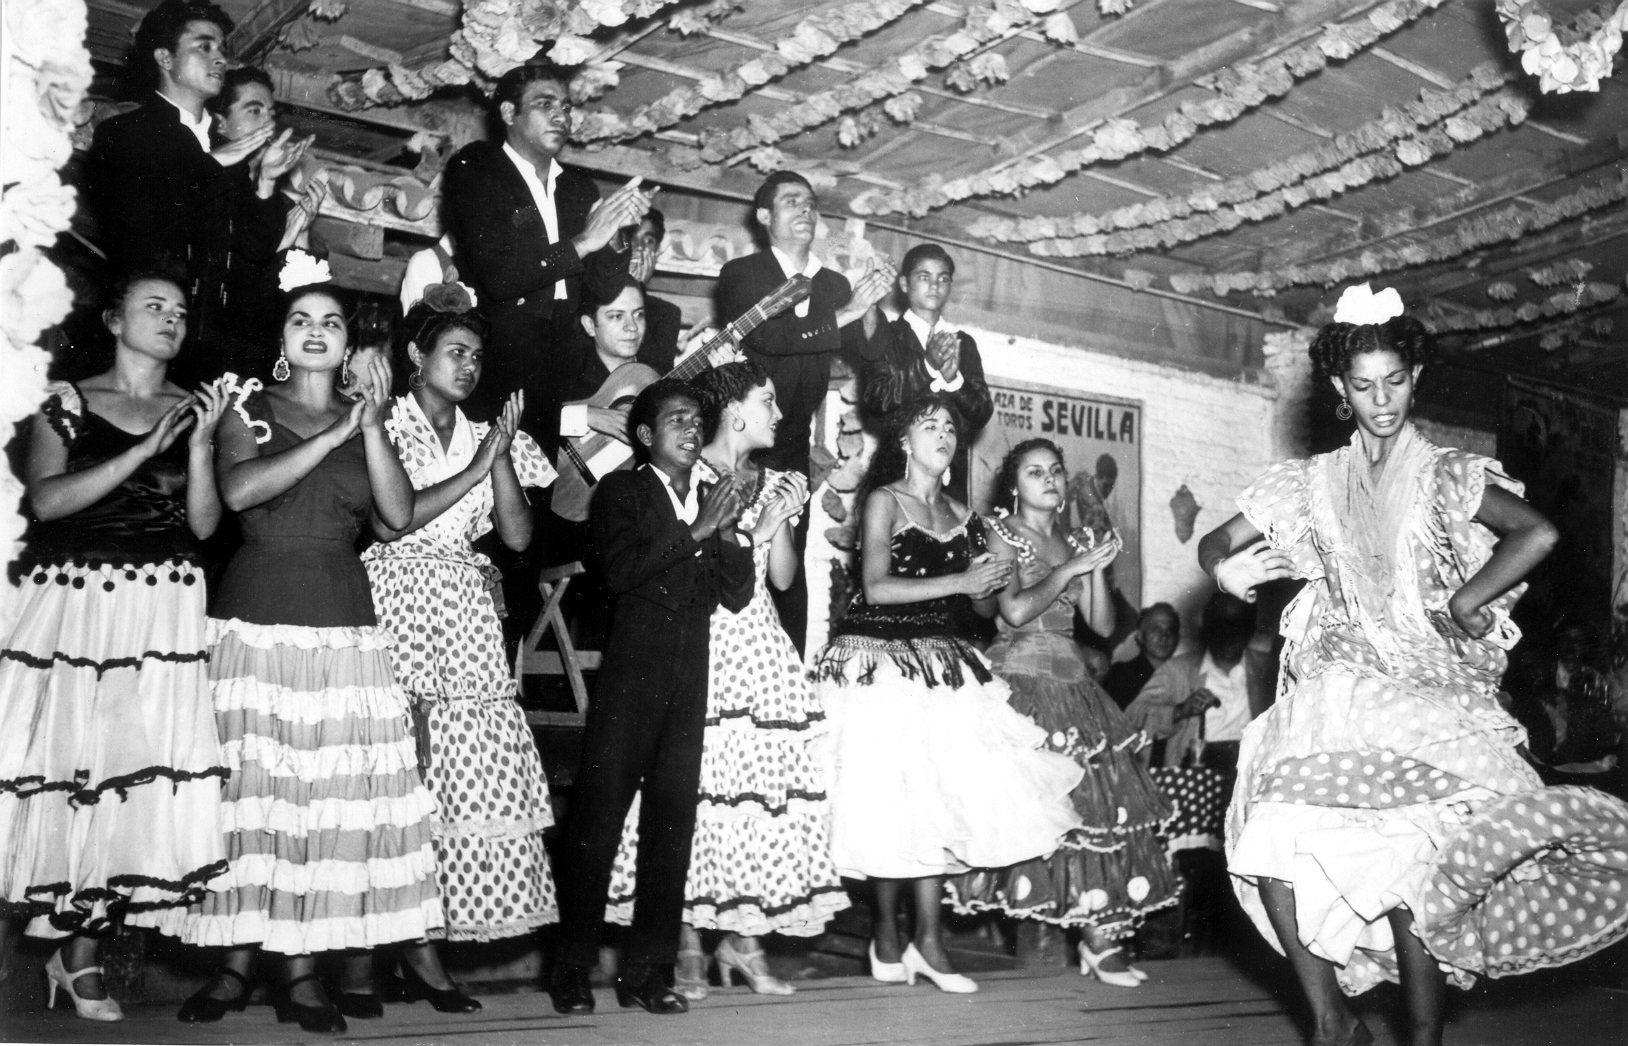 Fotos Antiguas Del Tablao Flamenco El Patio Sevillano Tablao Flamenco Fotos De Gitanos Fotos Antiguas